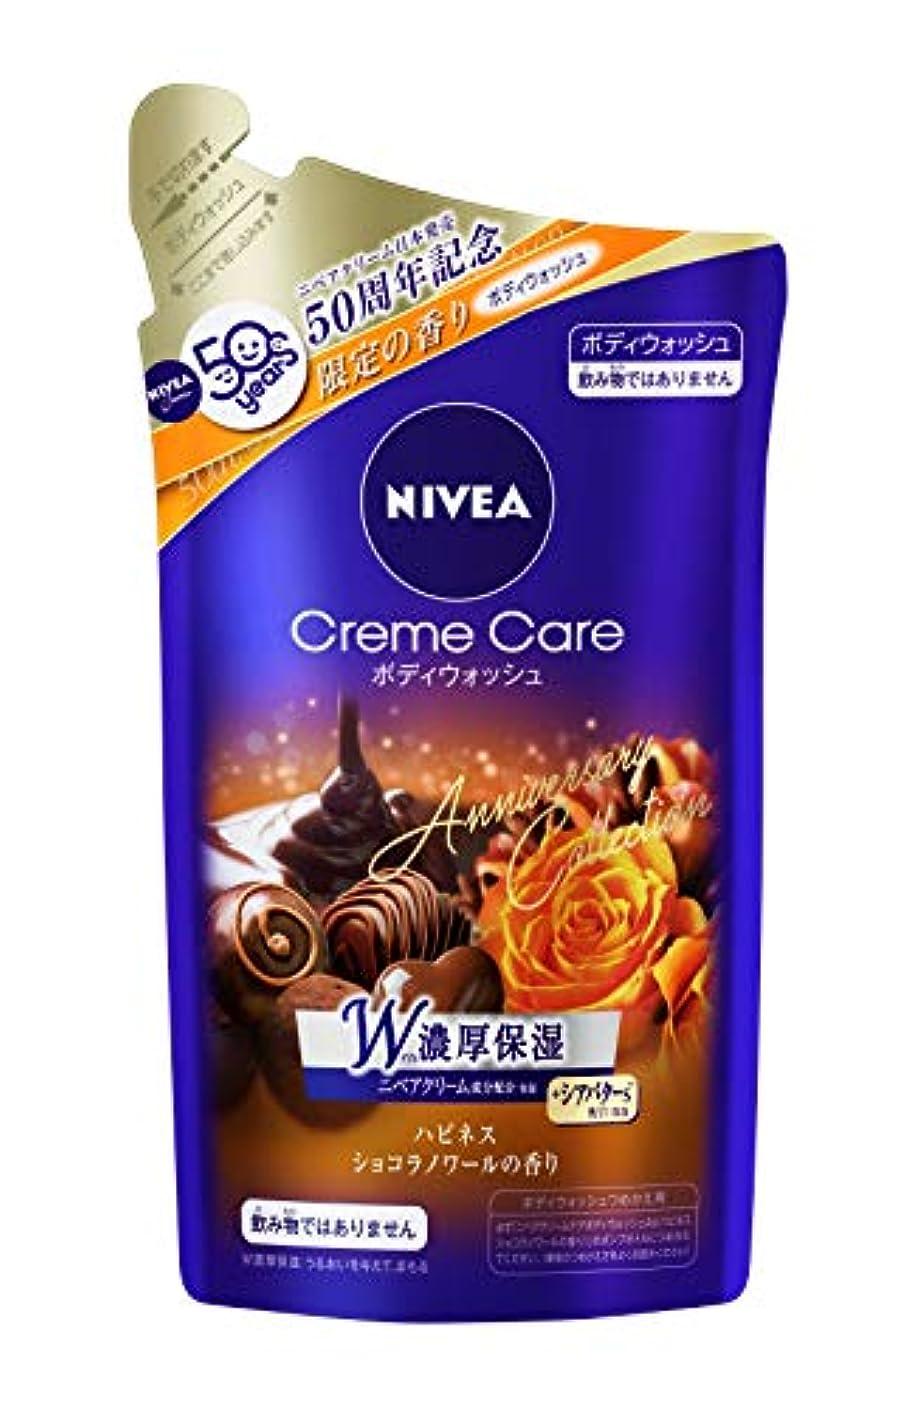 あいにく休眠処理ニベア クリームケアボディウォッシュ ショコラノワールの香り つめかえ用 360ml